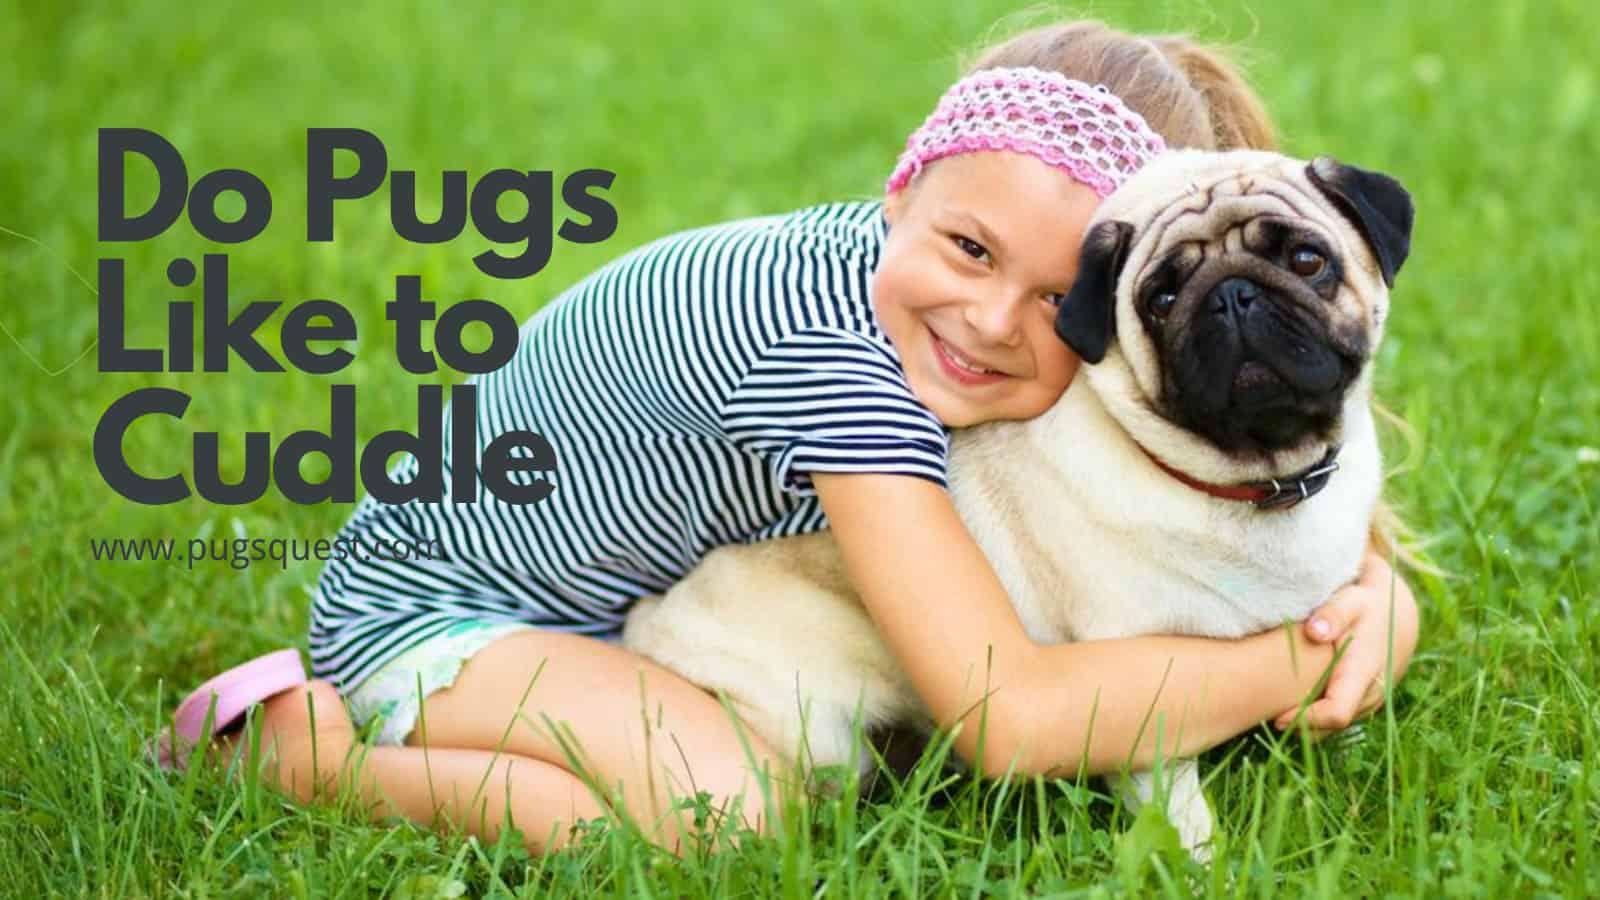 do pugs like to cuddle